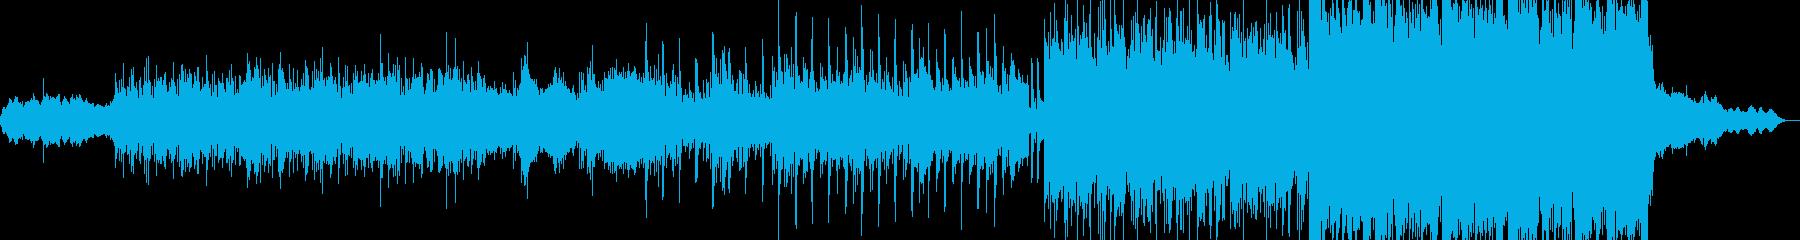 徐々に期待を盛り上げるオープニングBGMの再生済みの波形